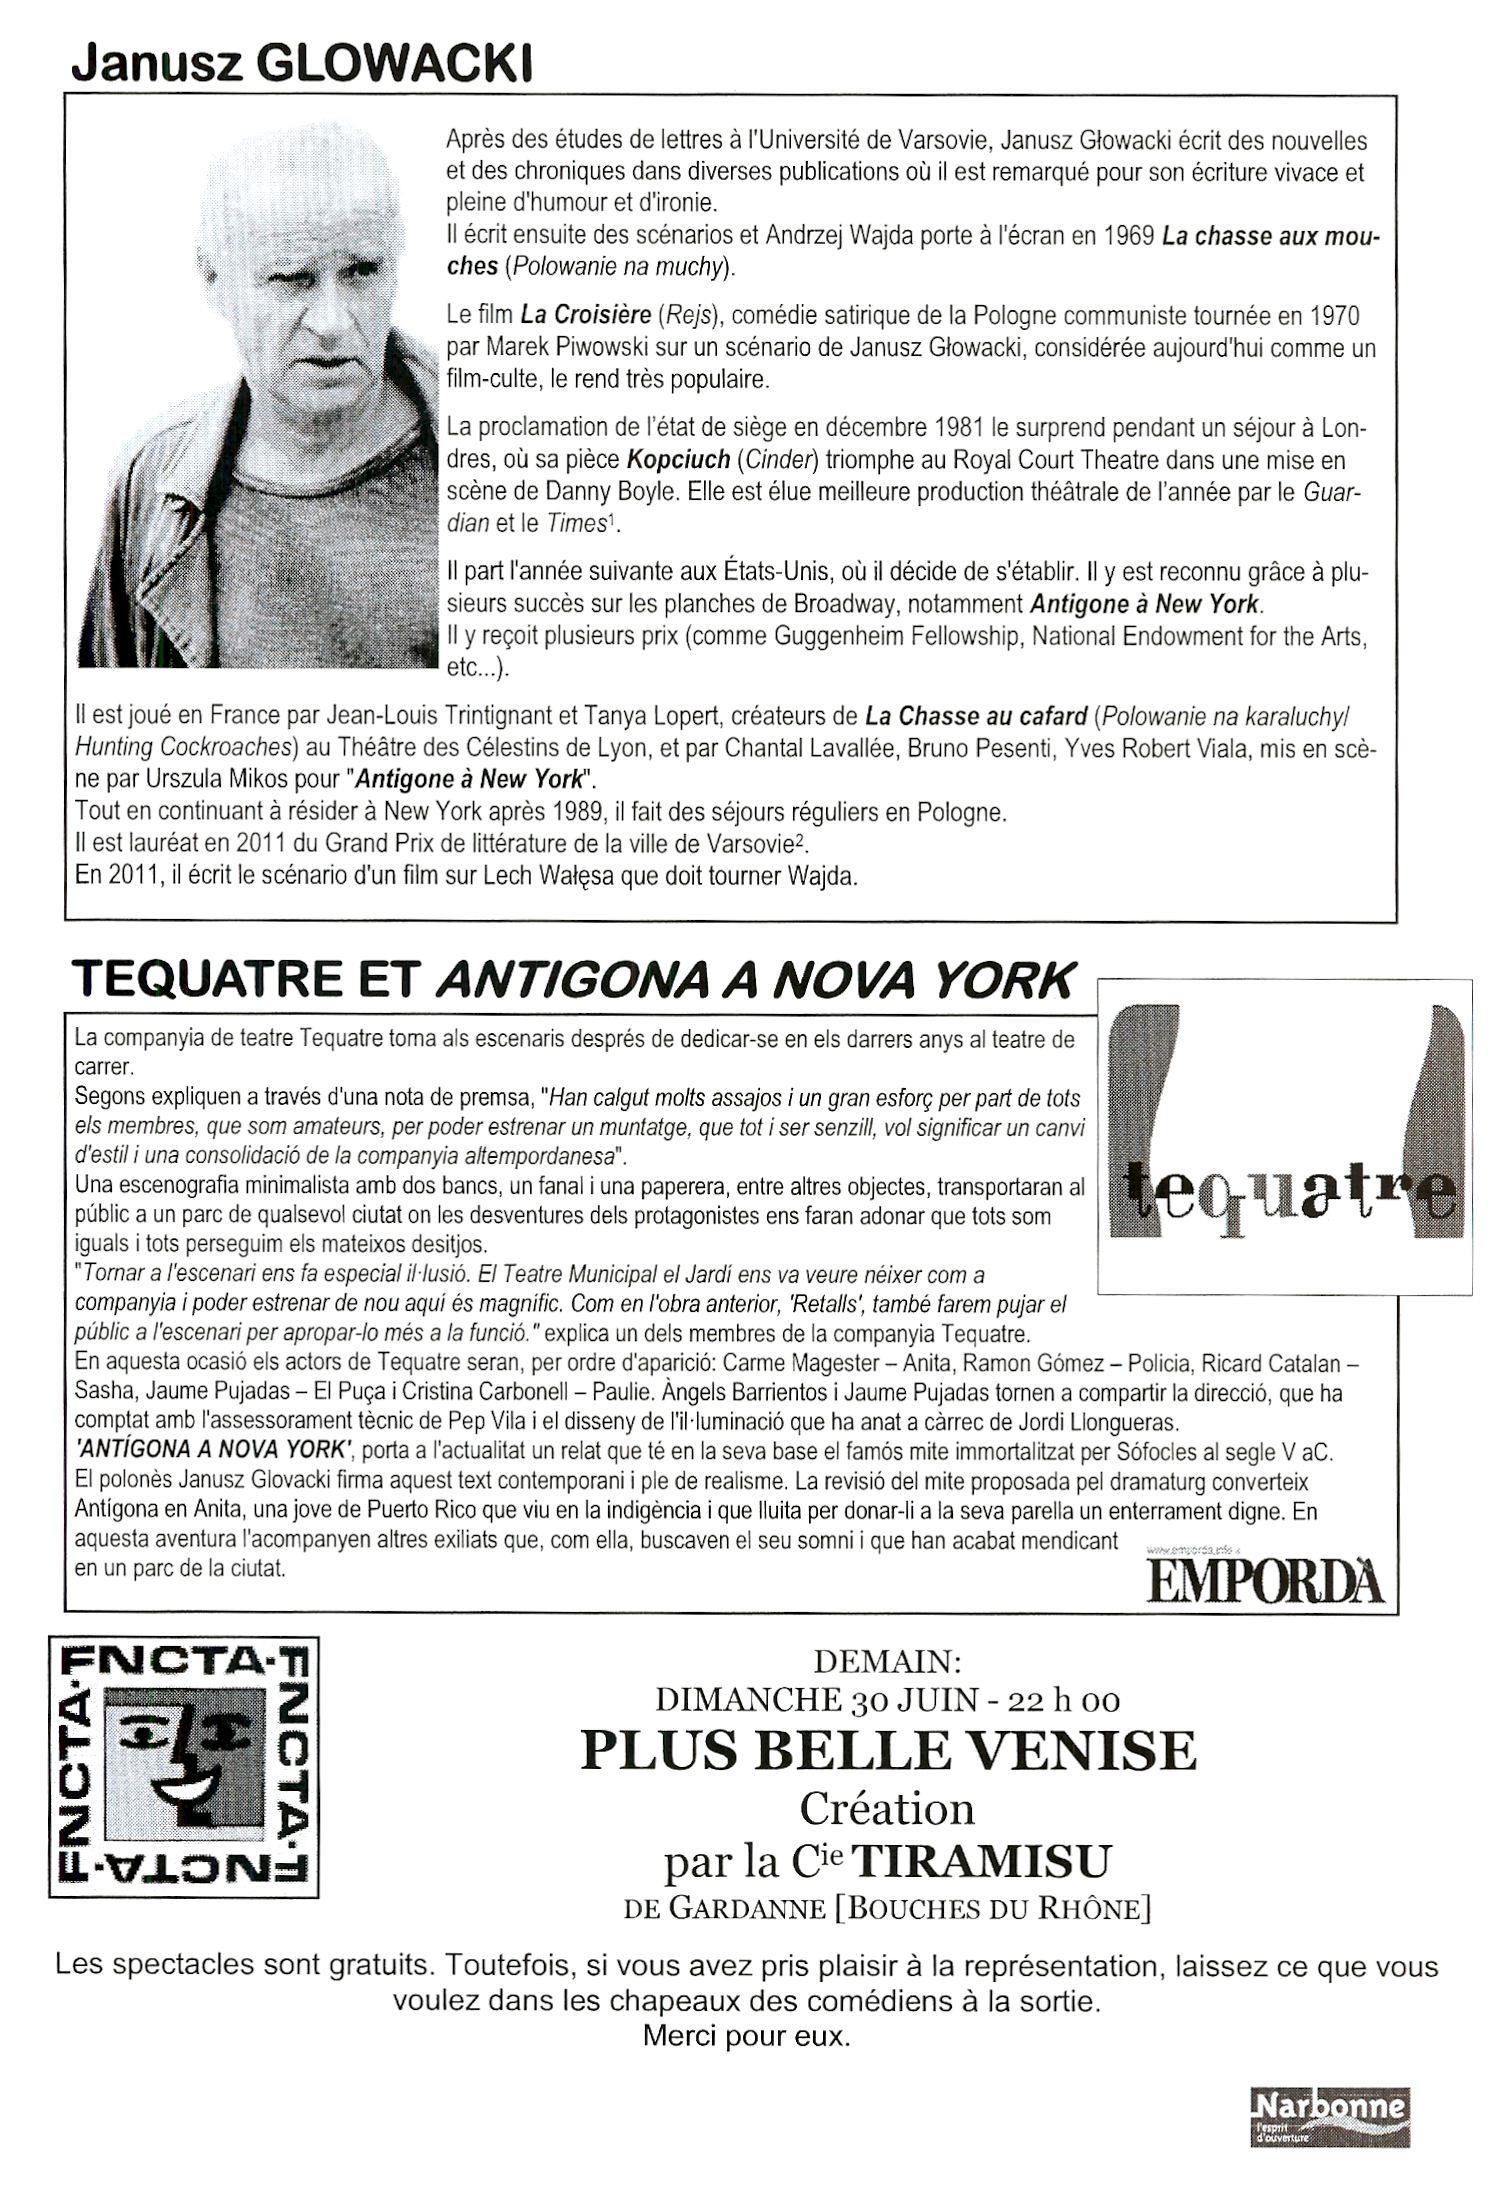 13-06-29 TQS -Tequatre - Antigona a NY - Narbonne 002 - P